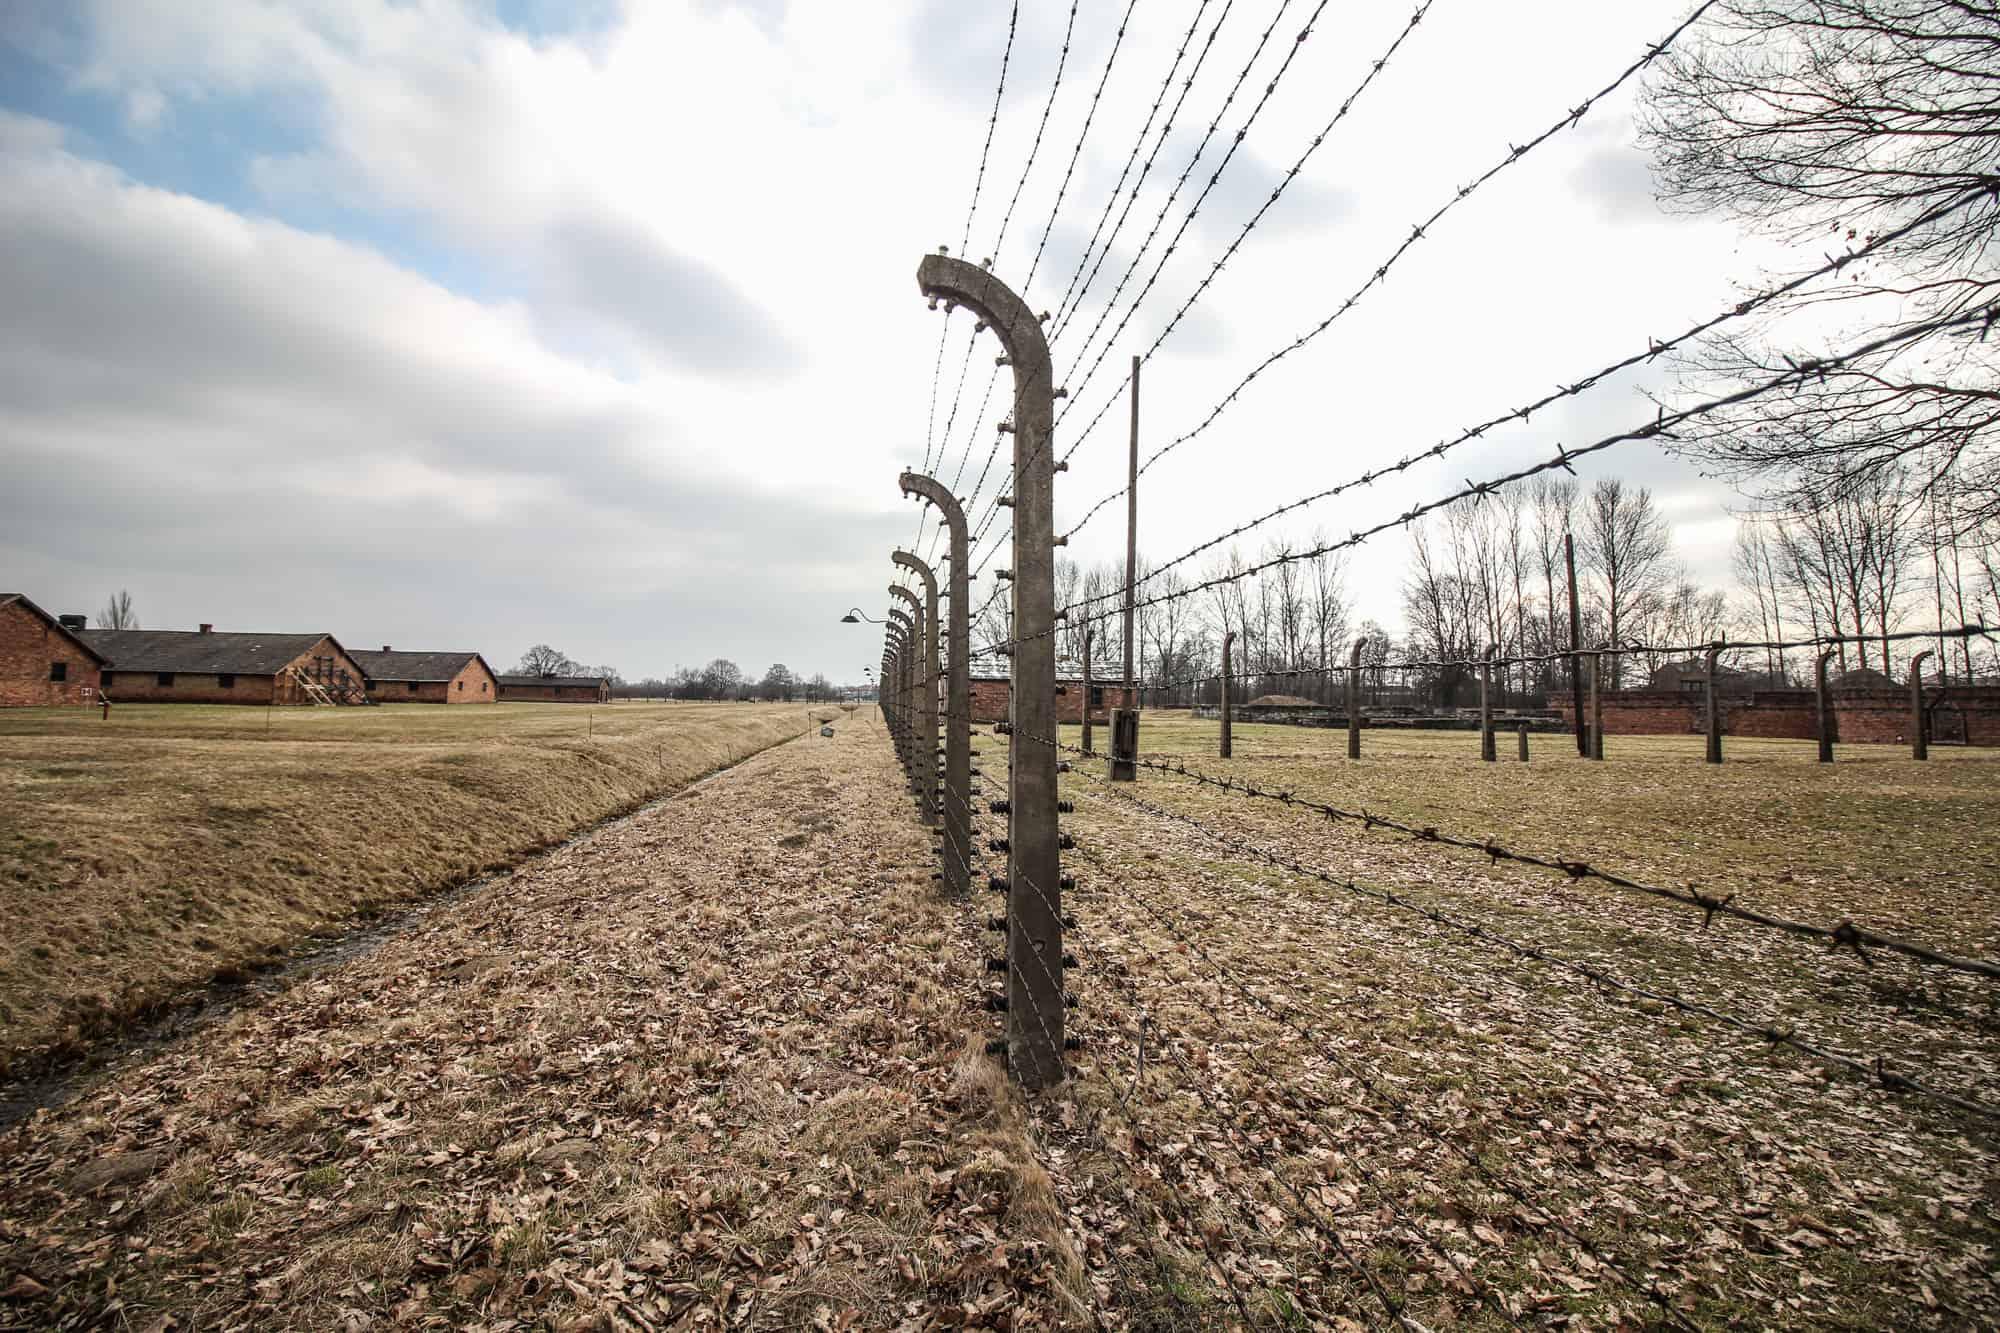 Auschwitz II-Birkenau Stacheldrahtzaun